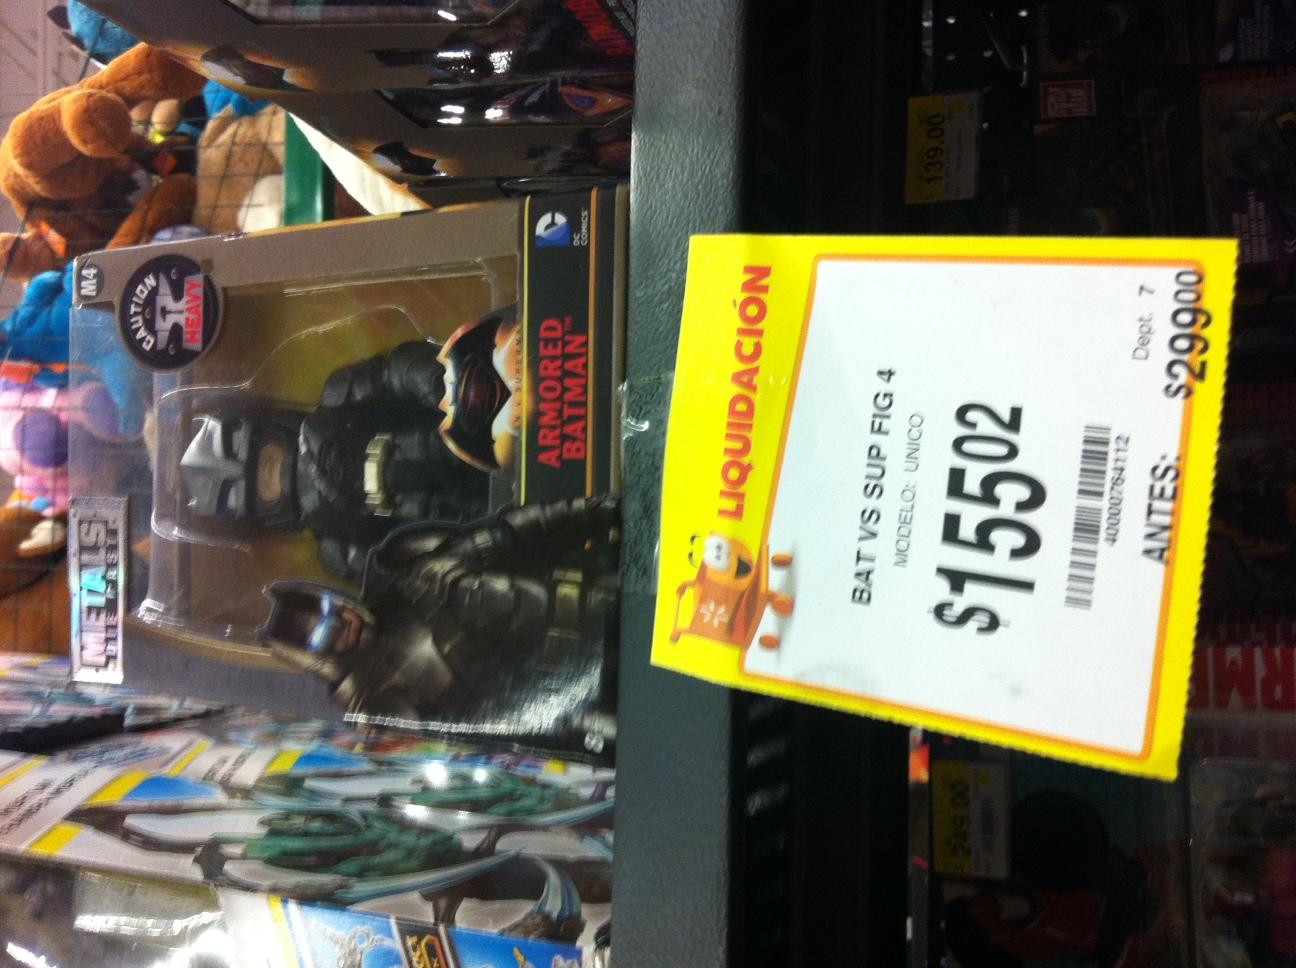 Walmart: Figura metalica de Batman -  ultima liquidación